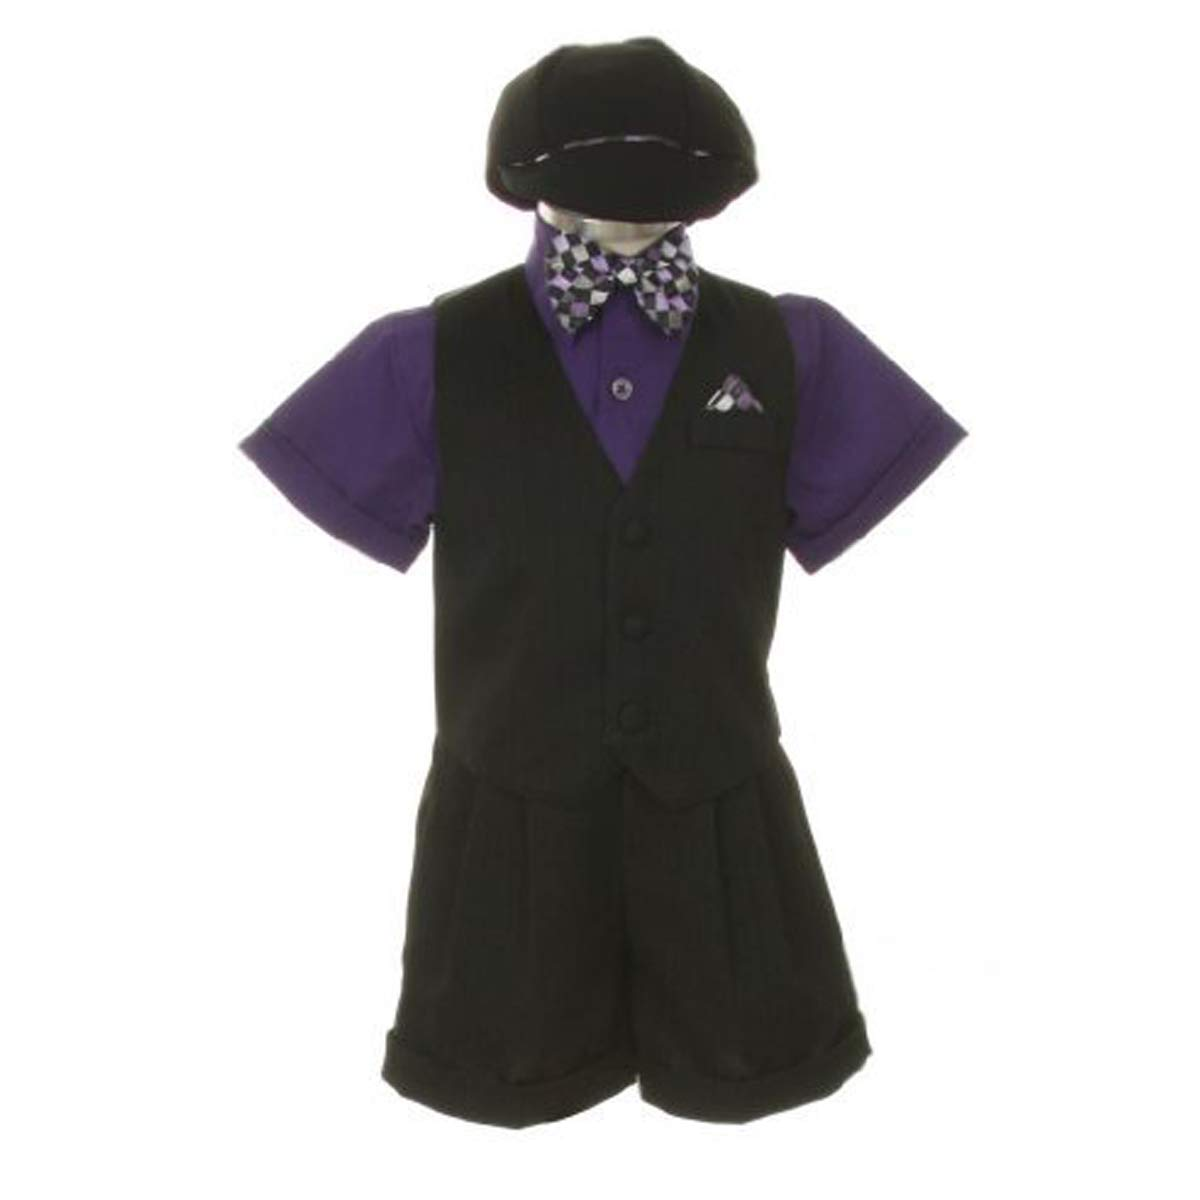 Dress Shorts Suit Tuxedo Vest Outfit Set-Infant Baby Boys /& Toddler,Black-Purple